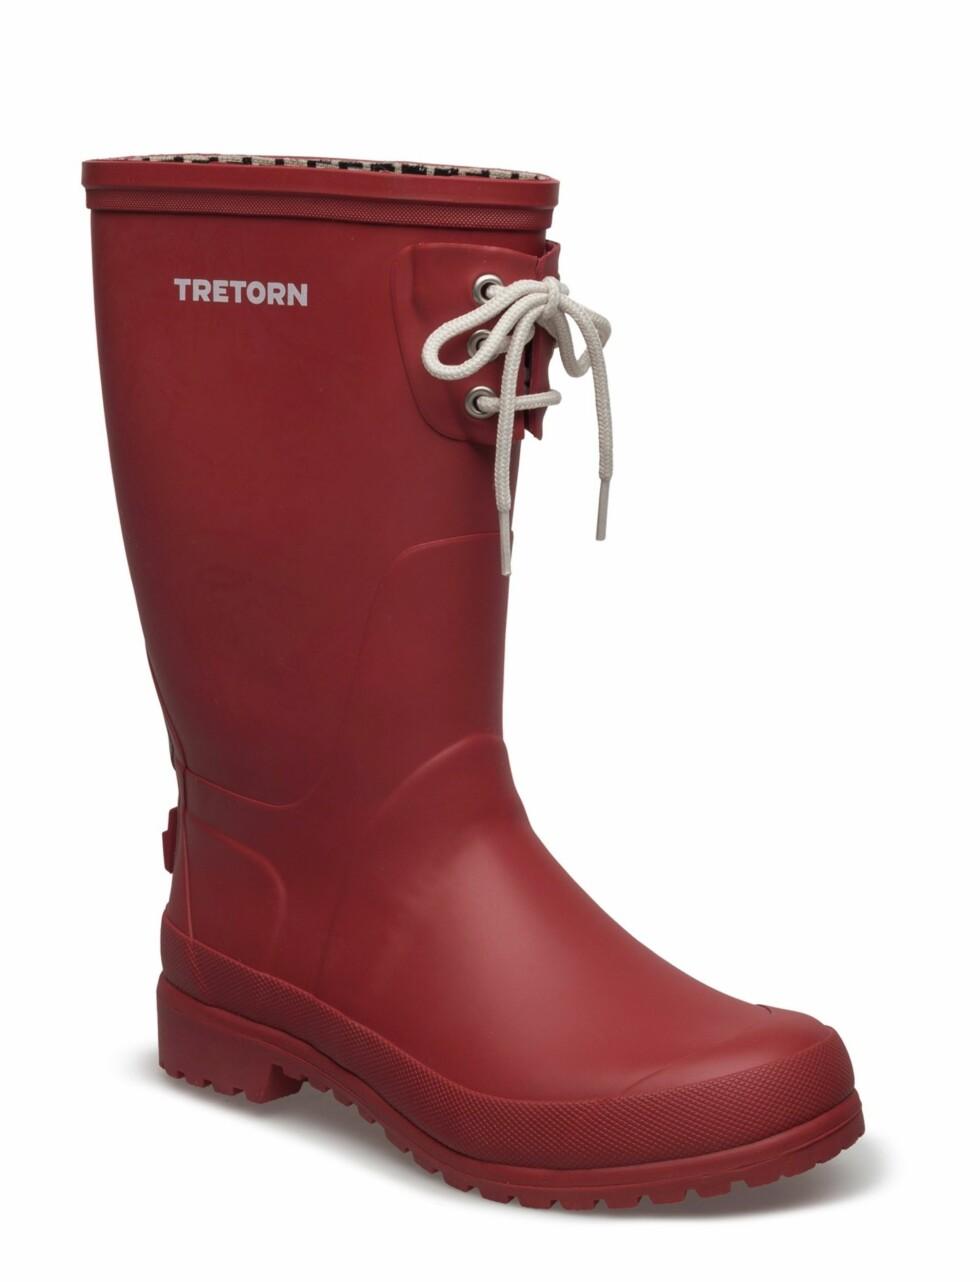 Røde støvler fra Tretorn |kr 600 | http://apprl.com/sv/pd/4MS7/